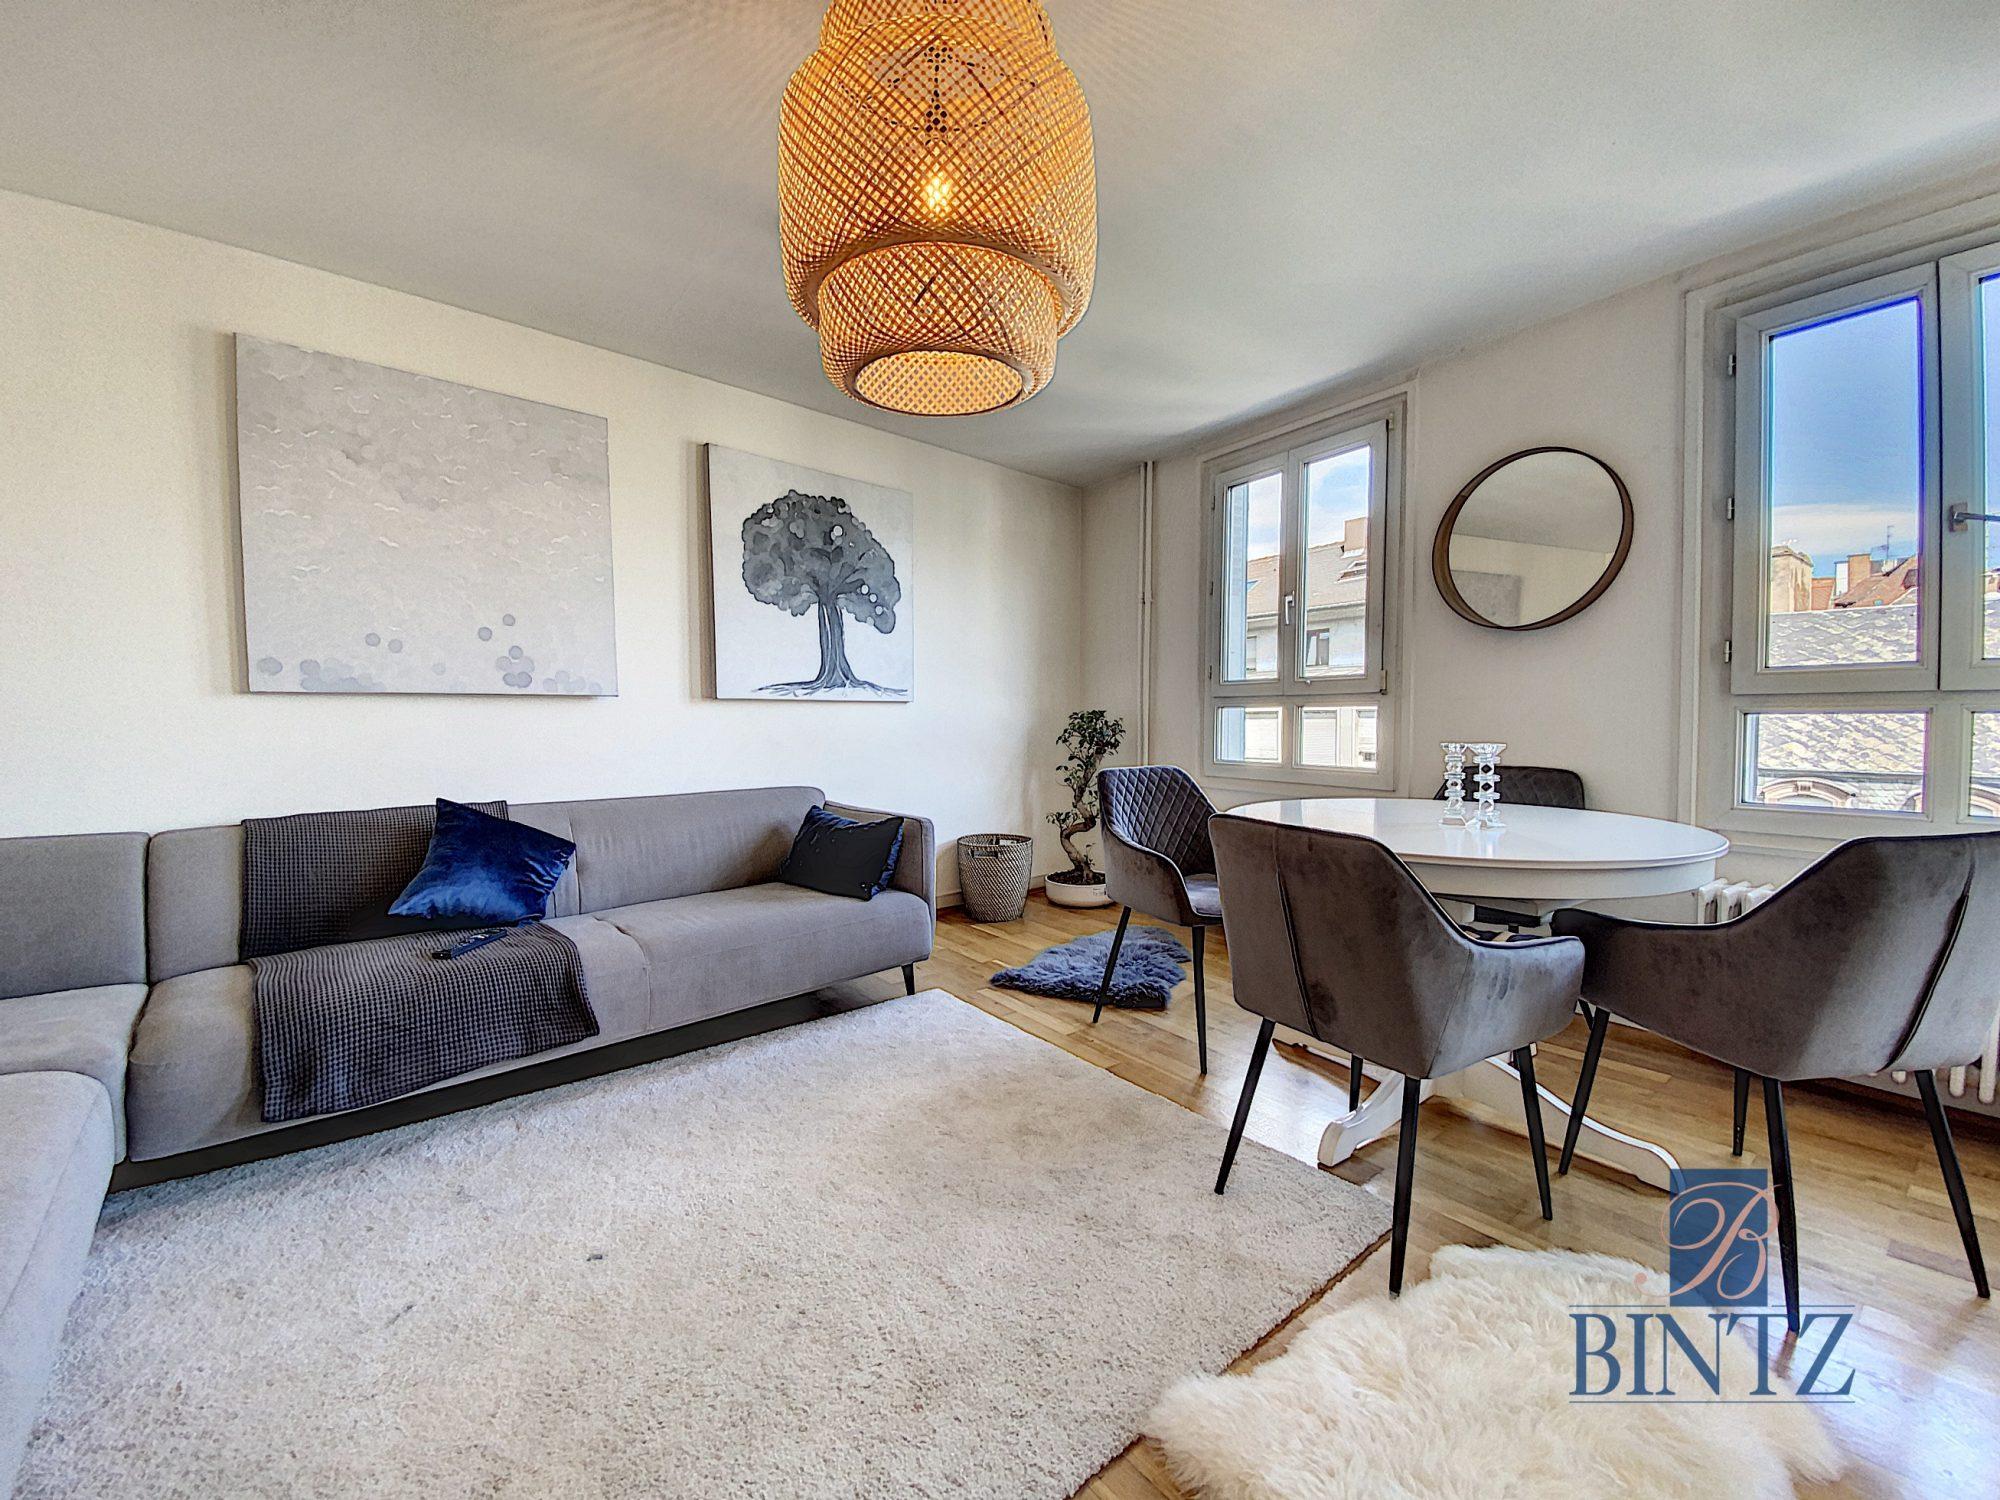 3 PIÈCES HYPERCENTRE - Devenez locataire en toute sérénité - Bintz Immobilier - 3